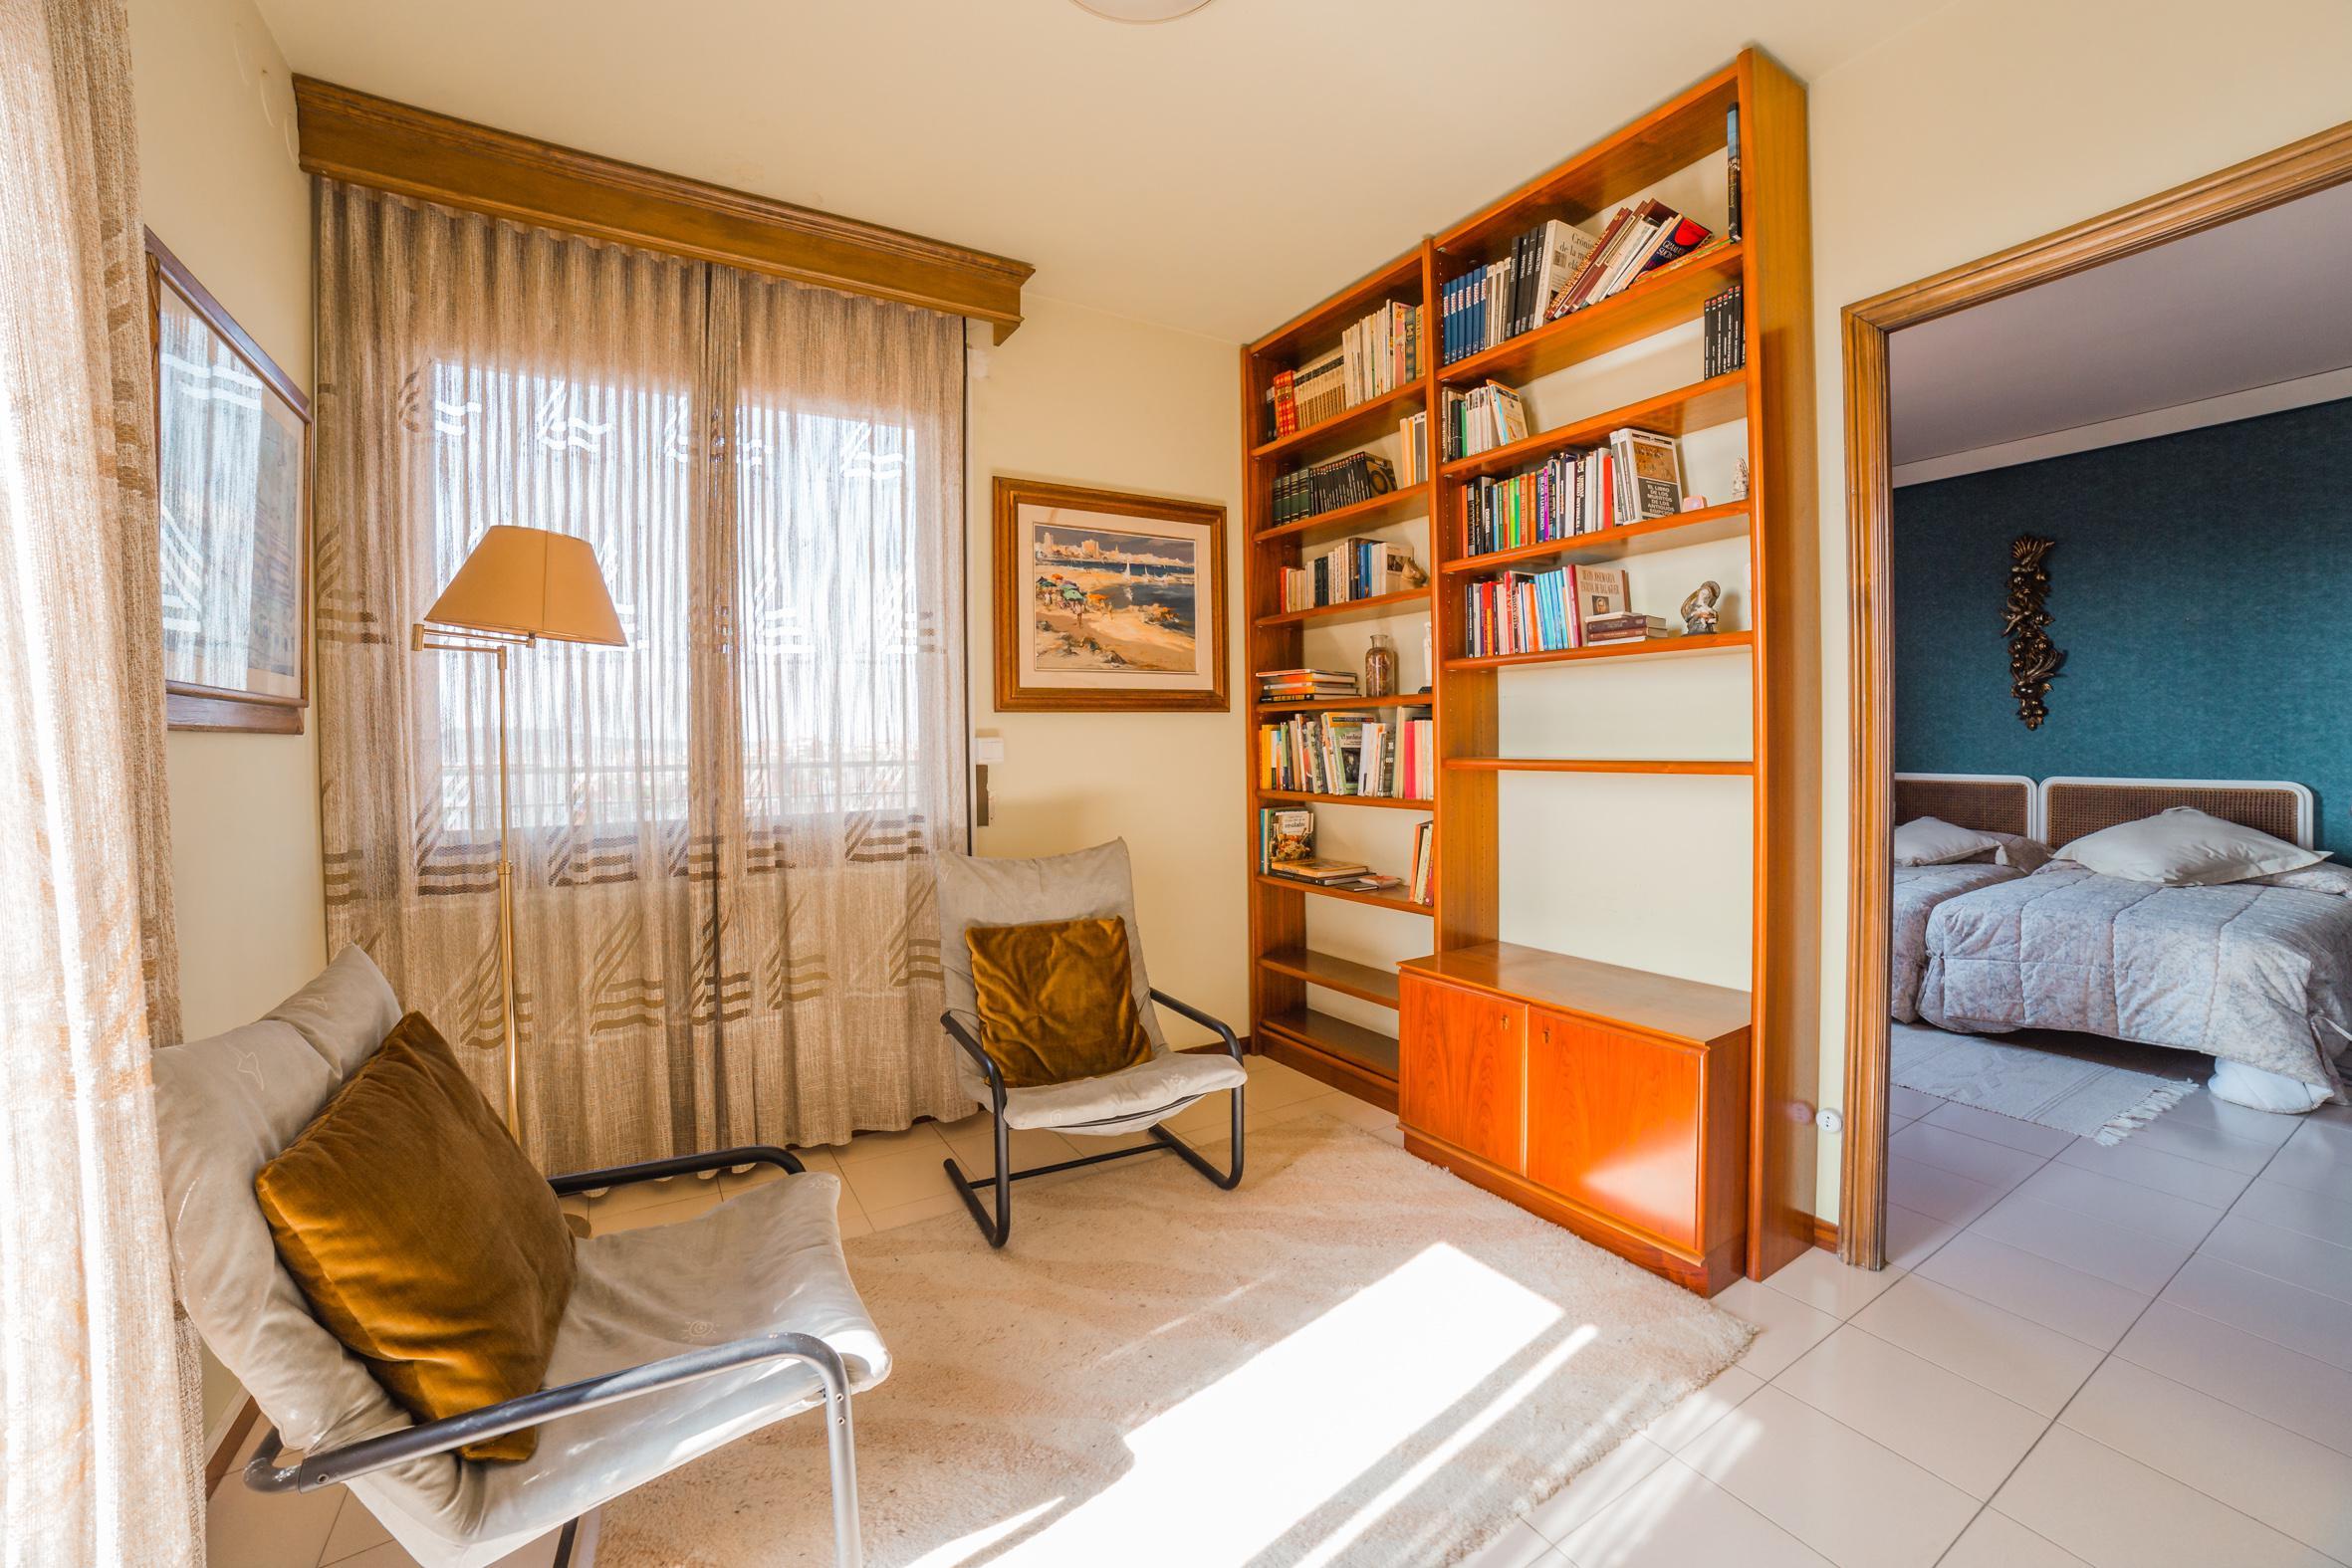 251036 Ático en venta en Horta-Guinardó, El Guinardó 14